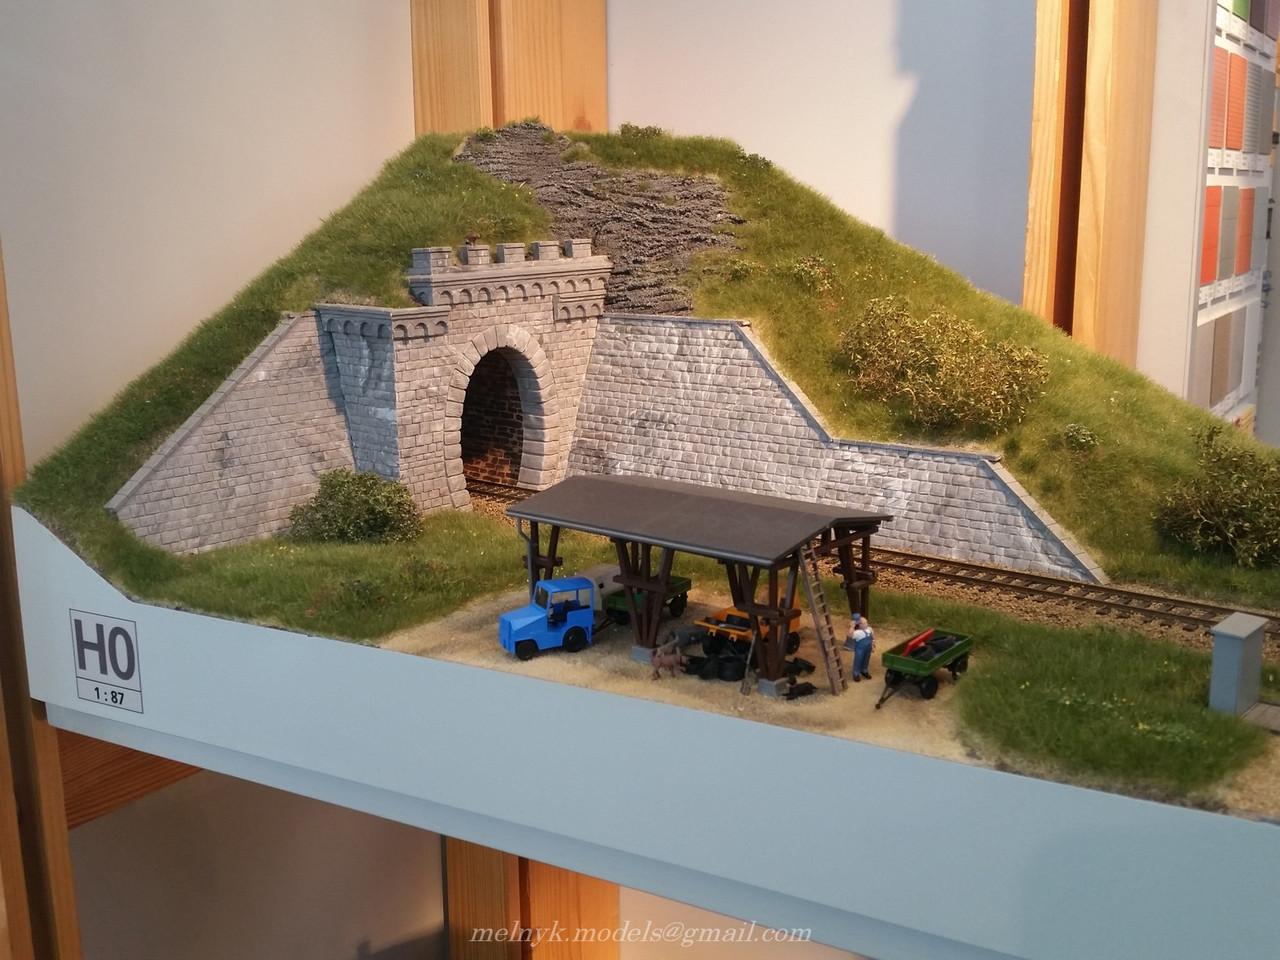 Auhagen 11342Сборная модель однопутного тоннельного портала, масшатба H0 1:87